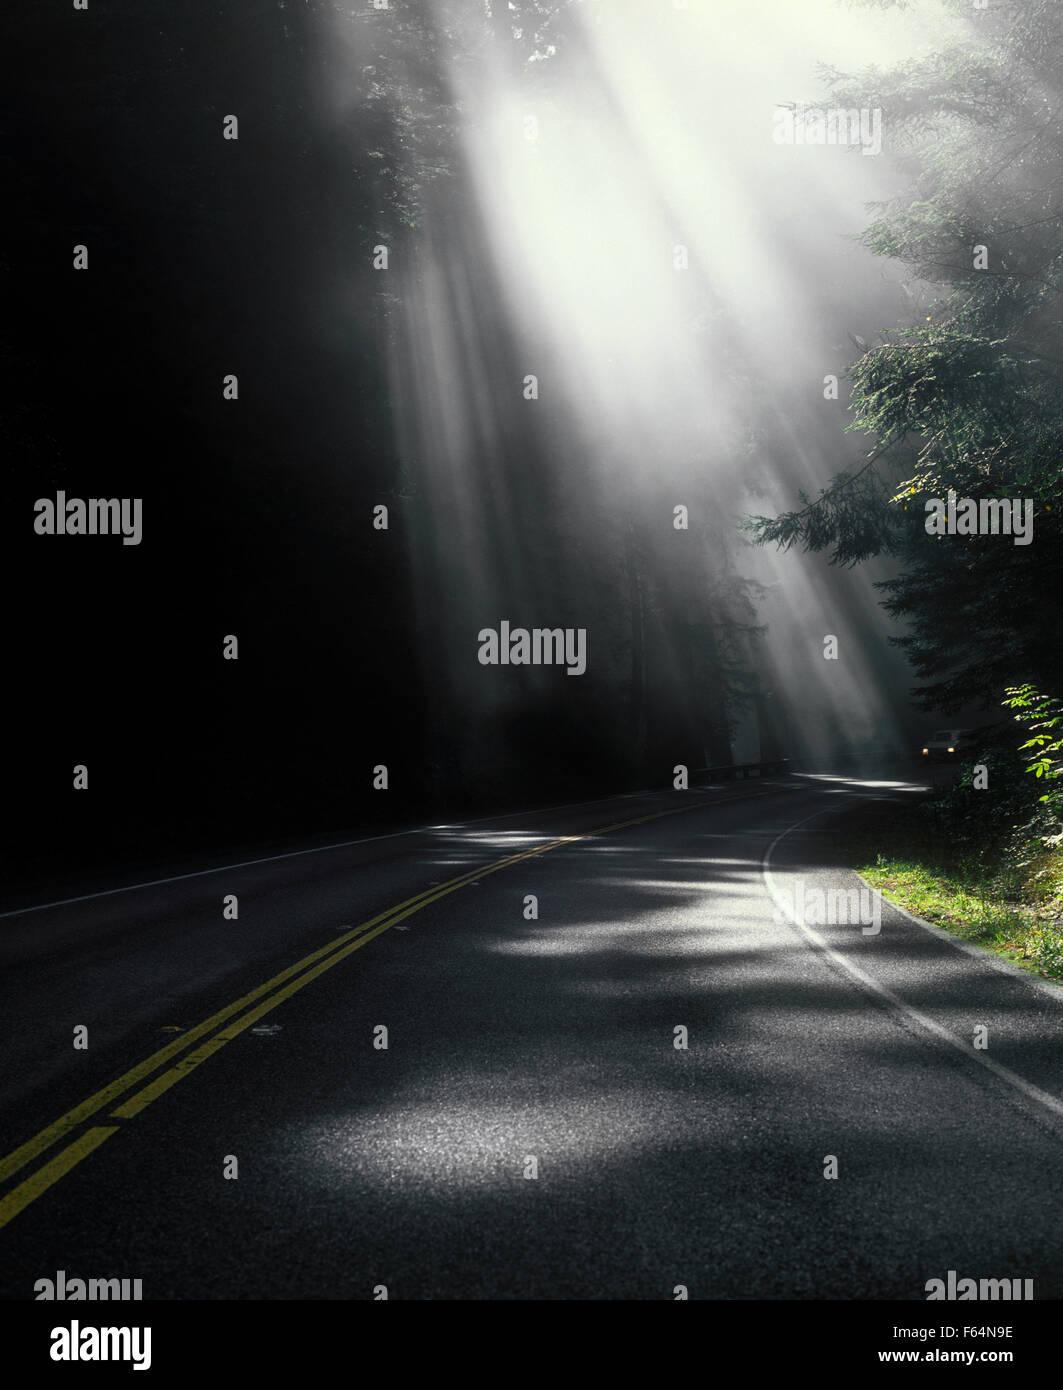 Stati Uniti d'America, in California, del Norte County, Highway 1 con raggi di luce Immagini Stock